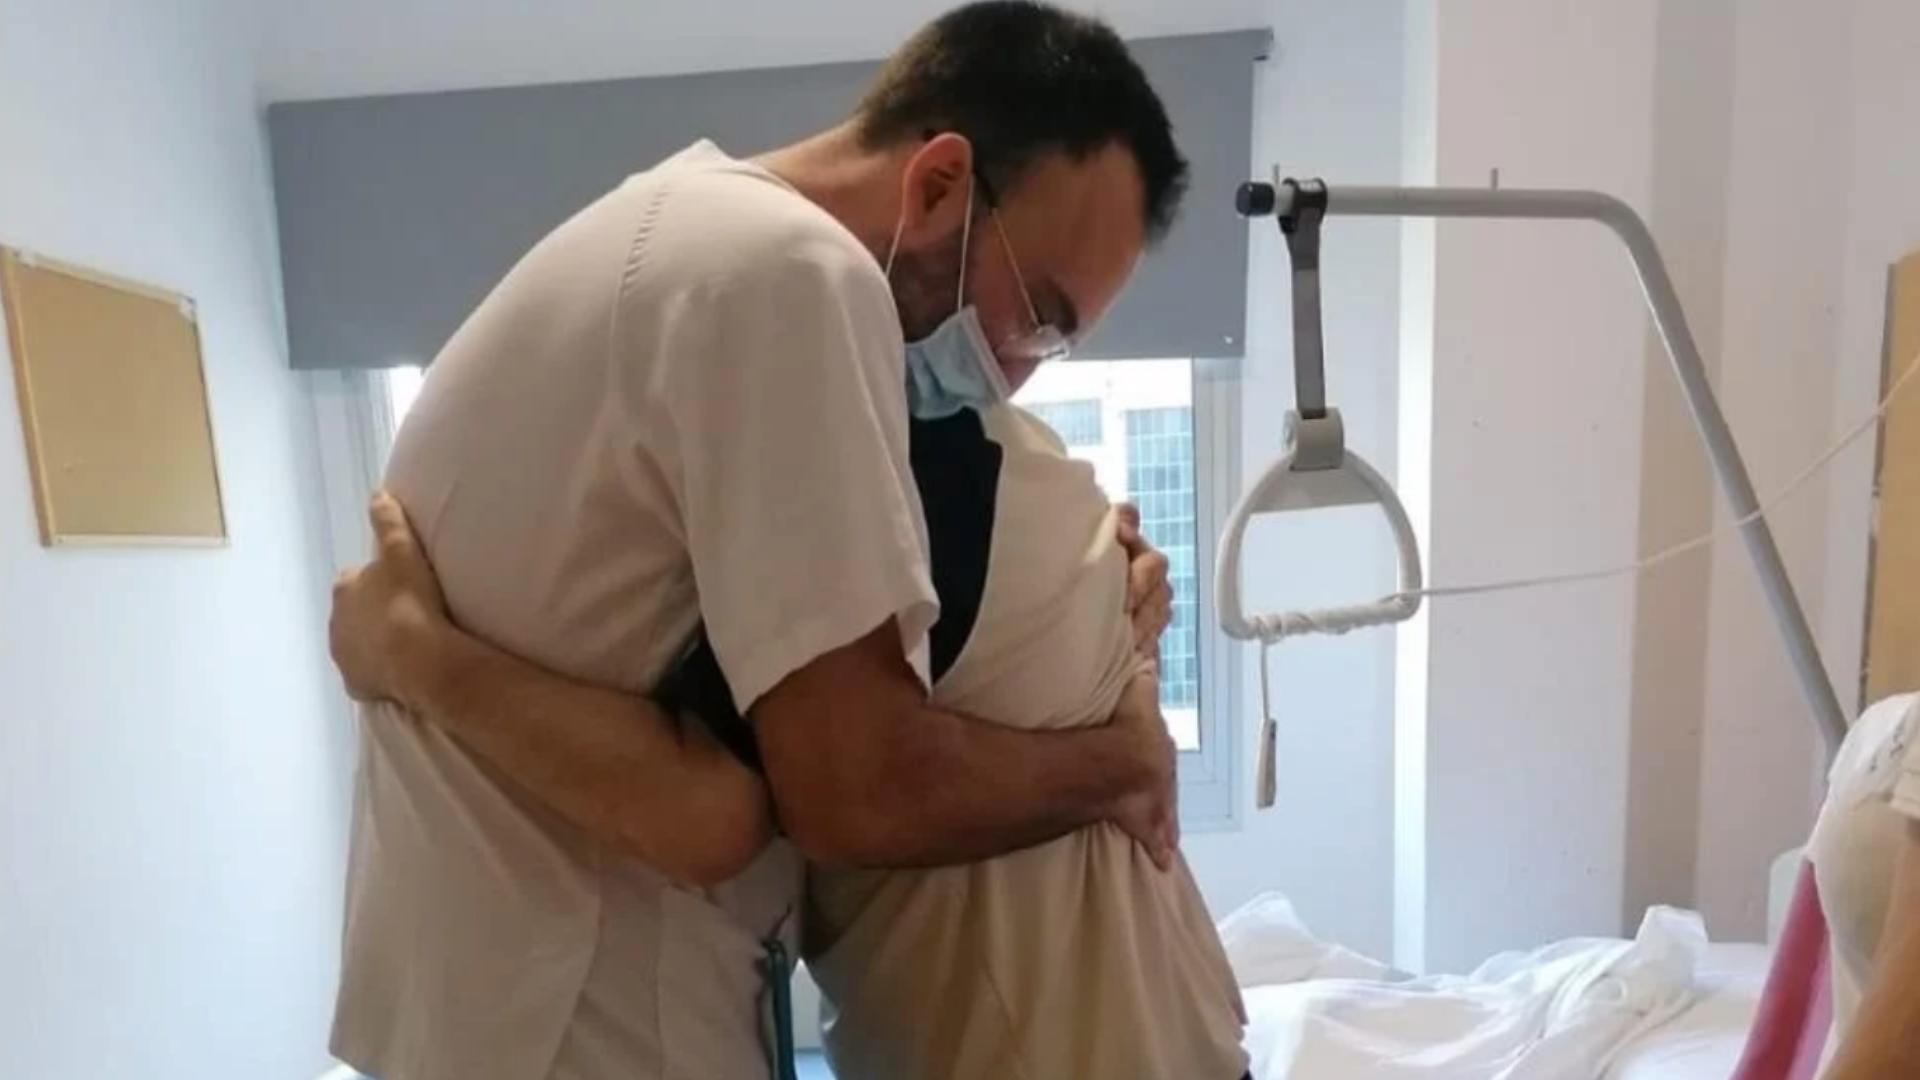 Venció el Covid-19 y se despide de su enfermero con un gran abrazo